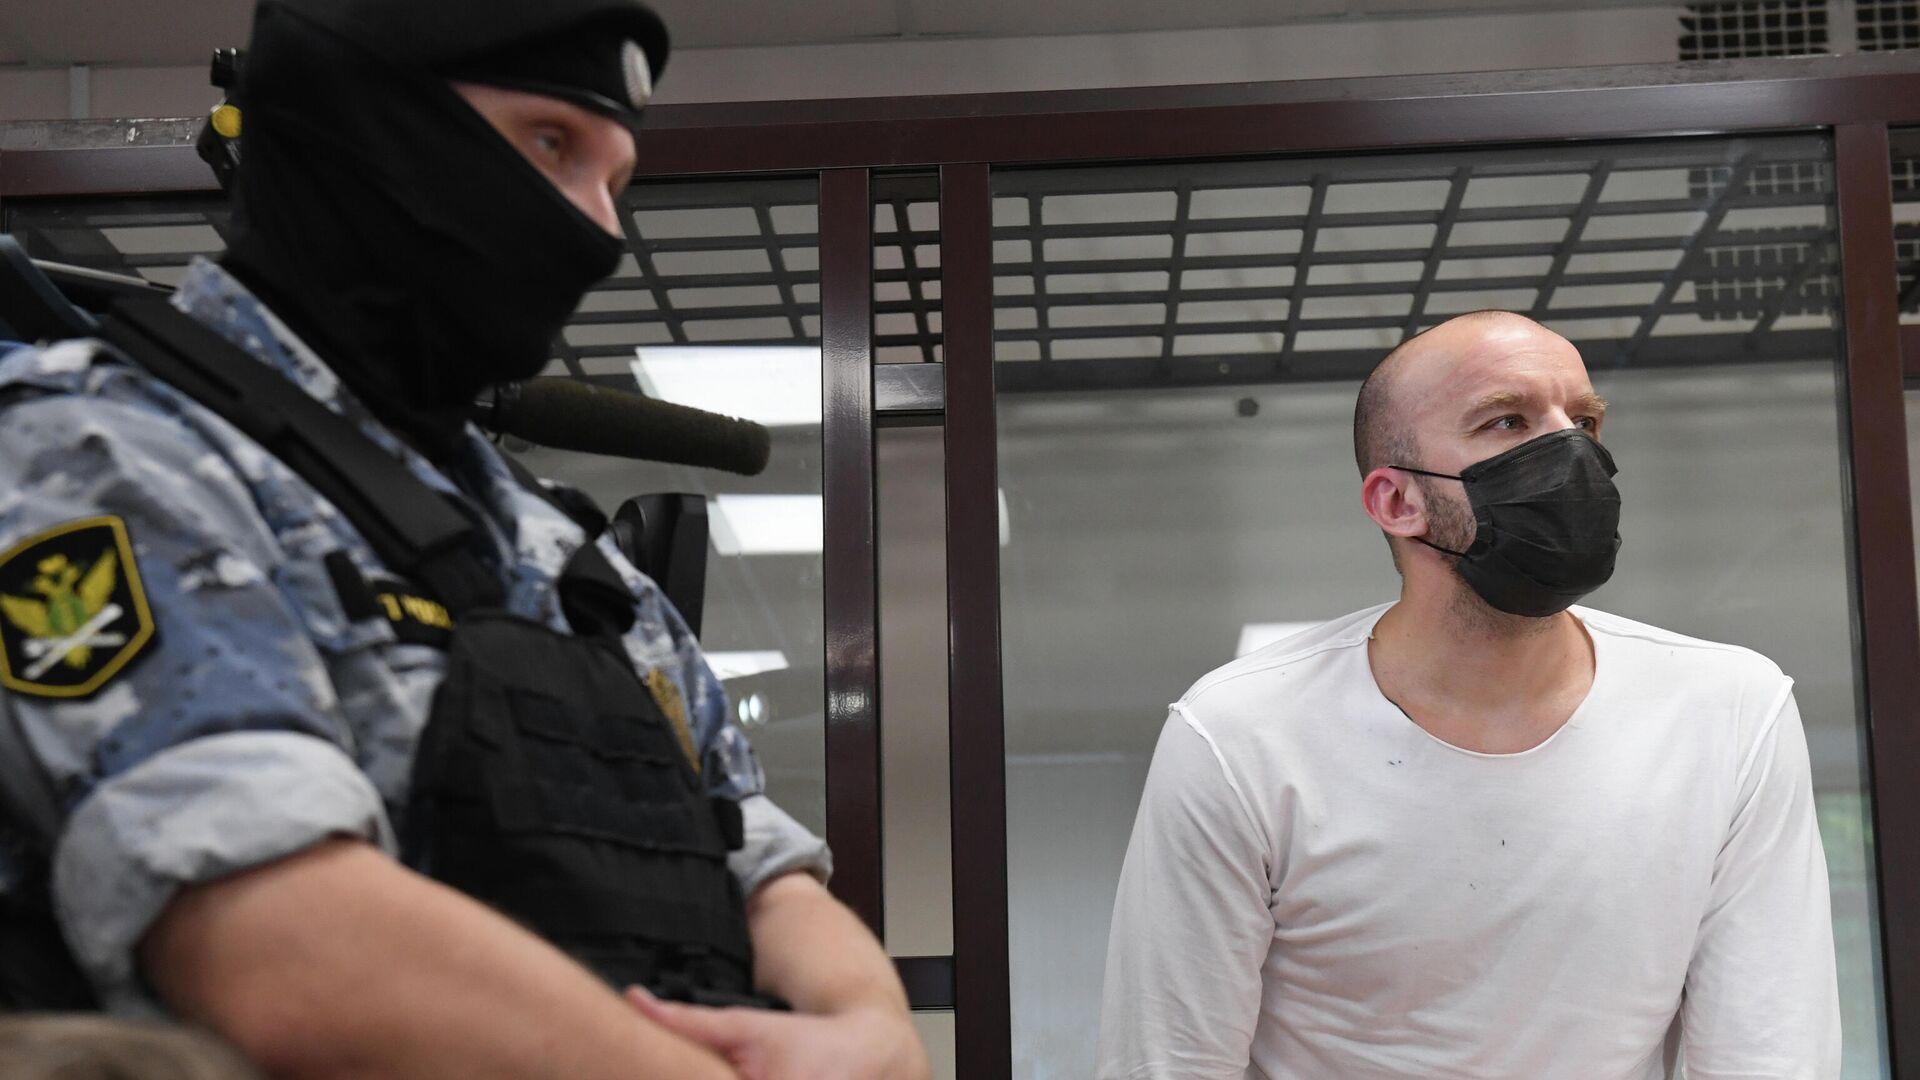 В Казани заочно арестовали сооснователей финансовой пирамиды Finiko